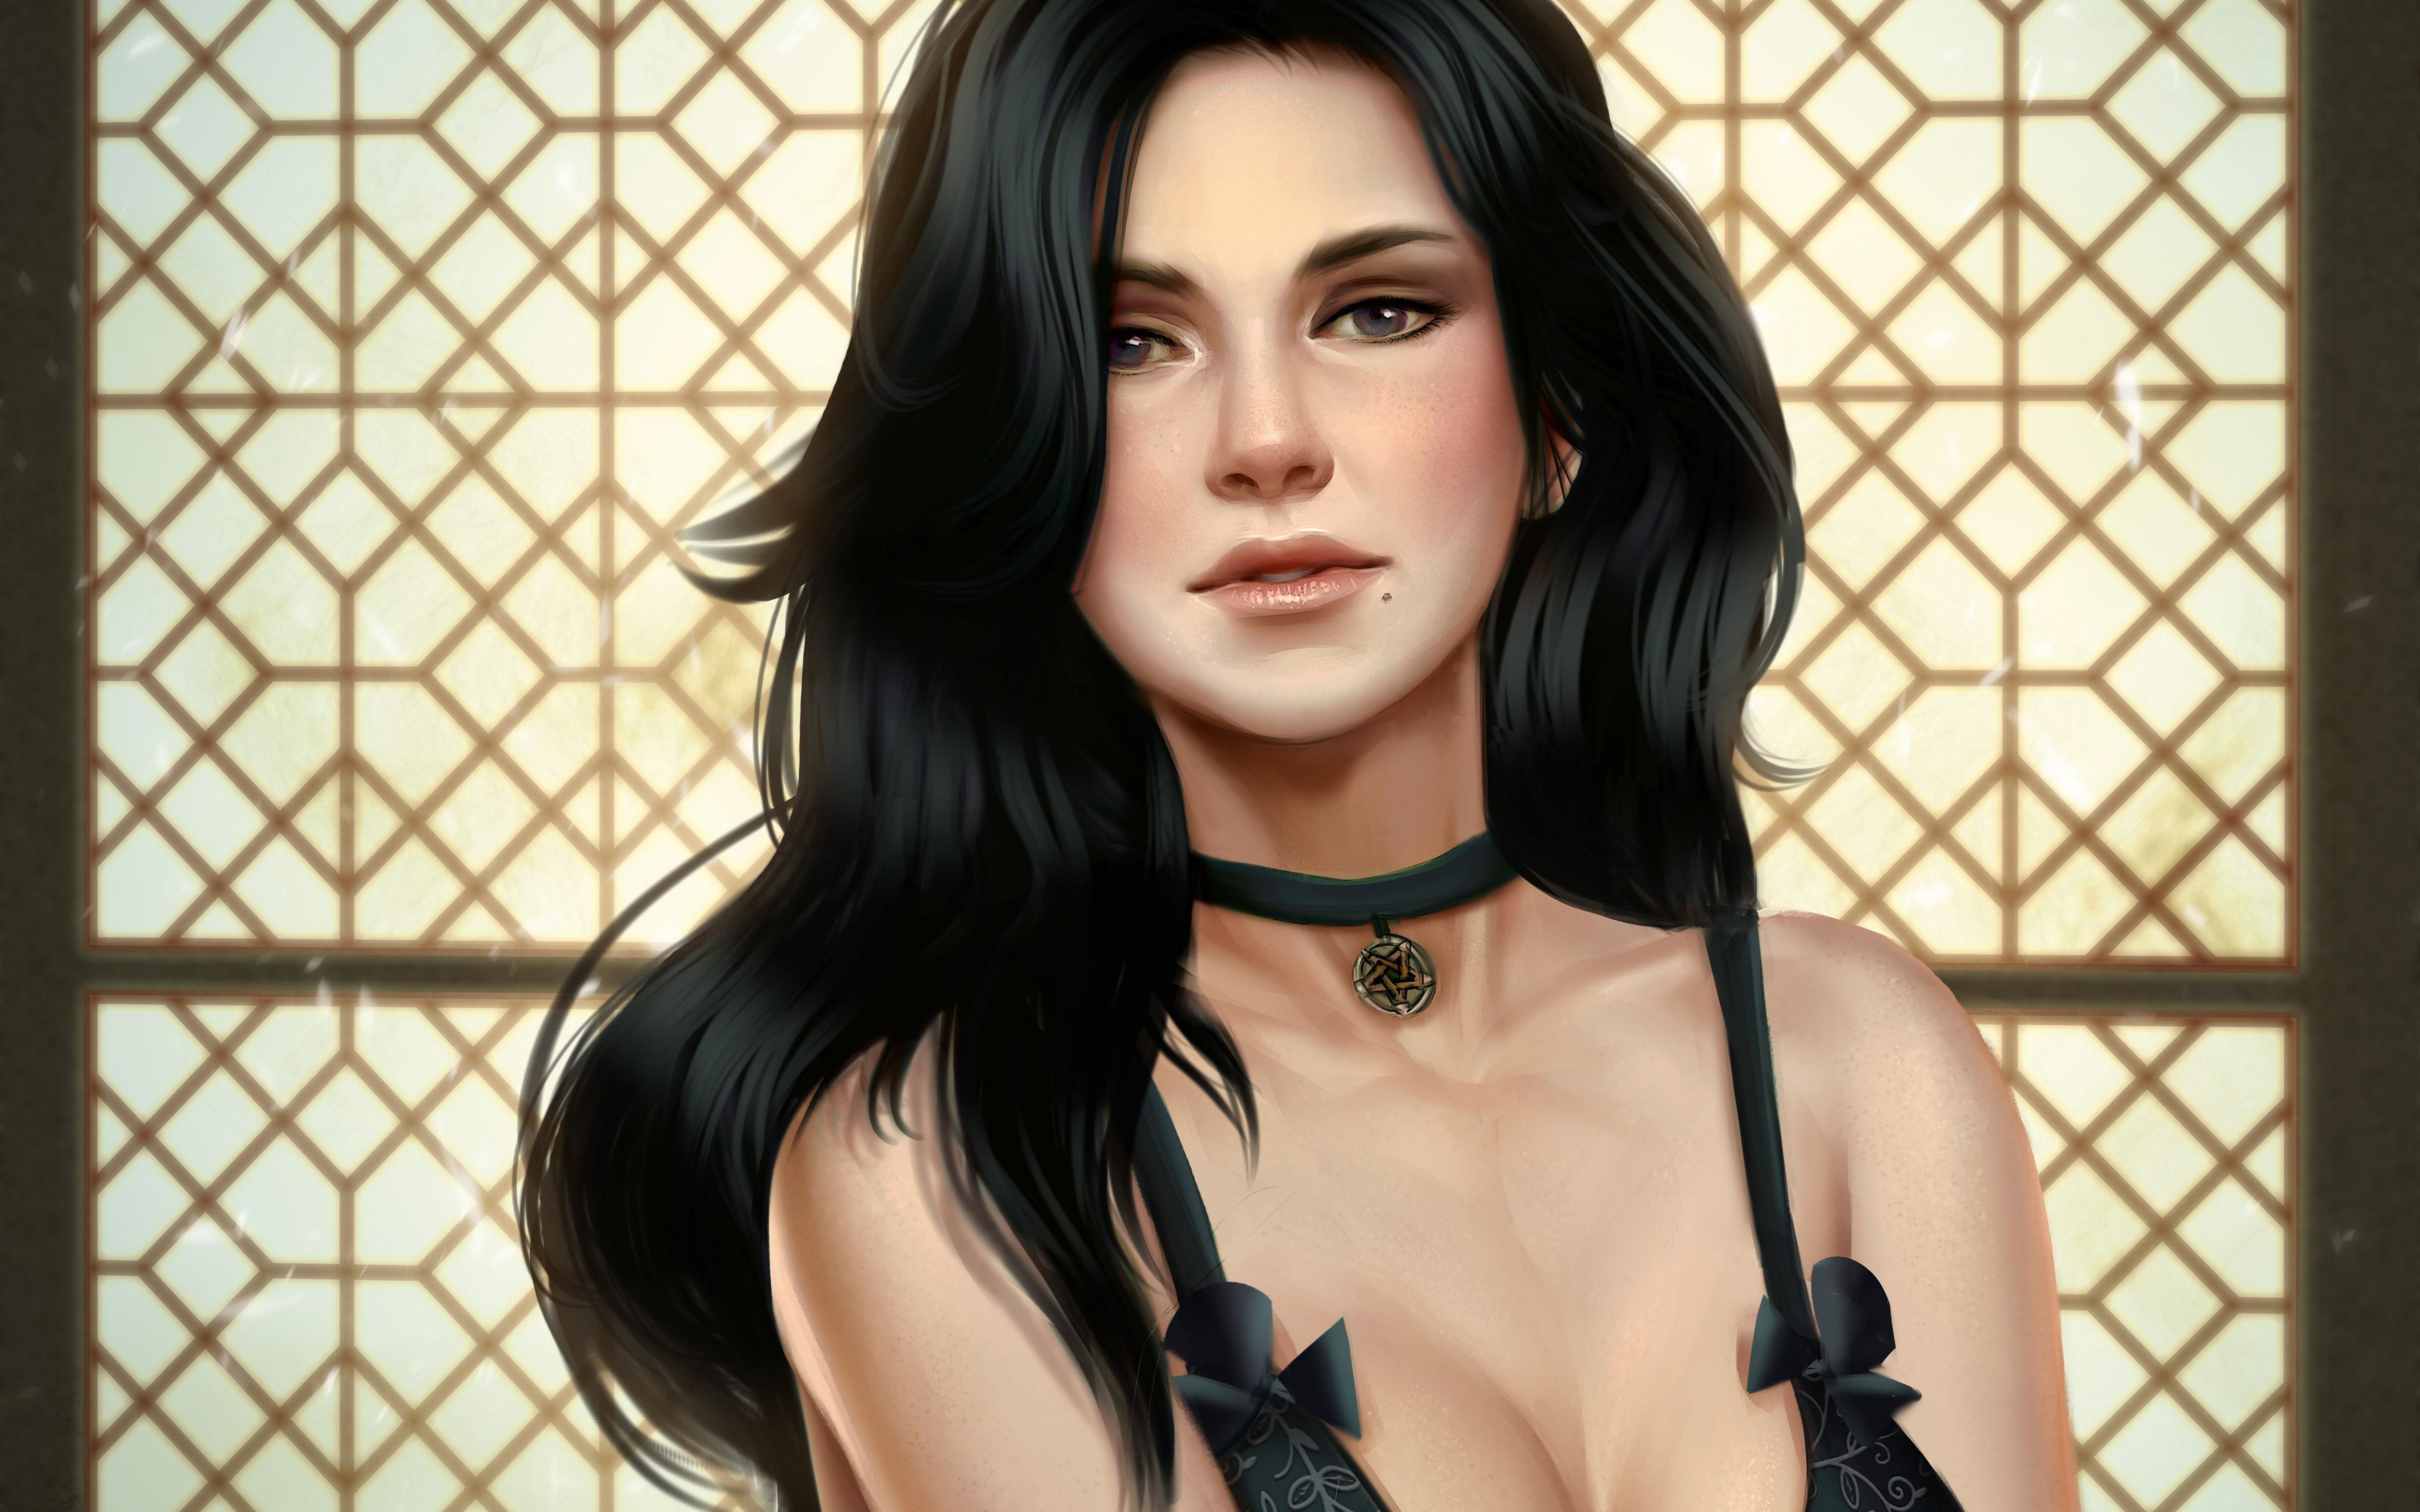 Wallpaper Video Games Women Model Long Hair Singer Black Hair